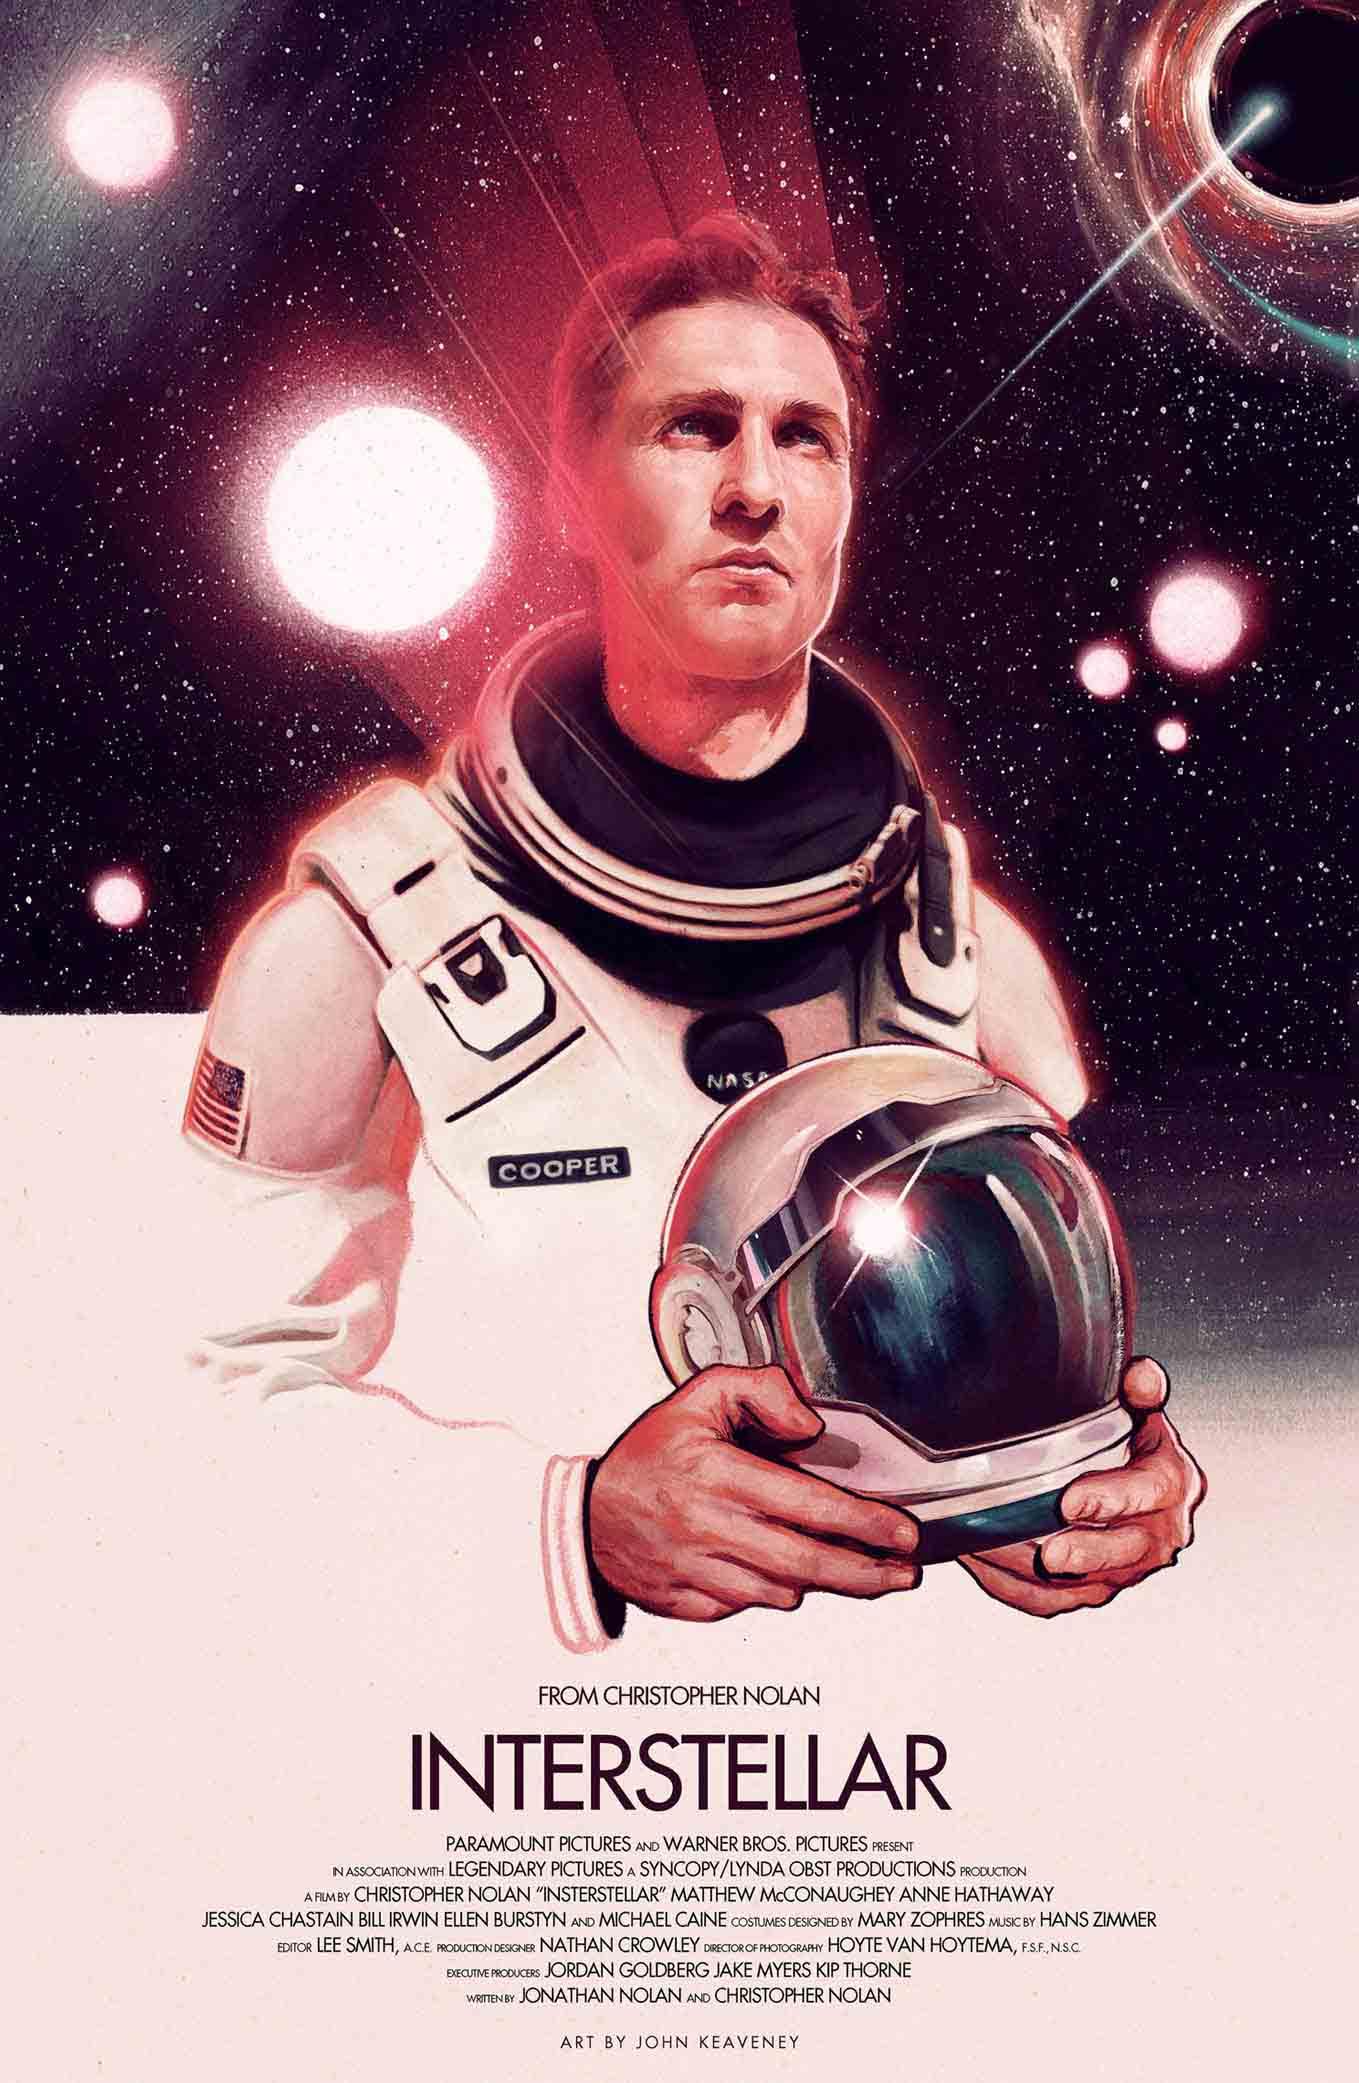 Poster by John Keaveney